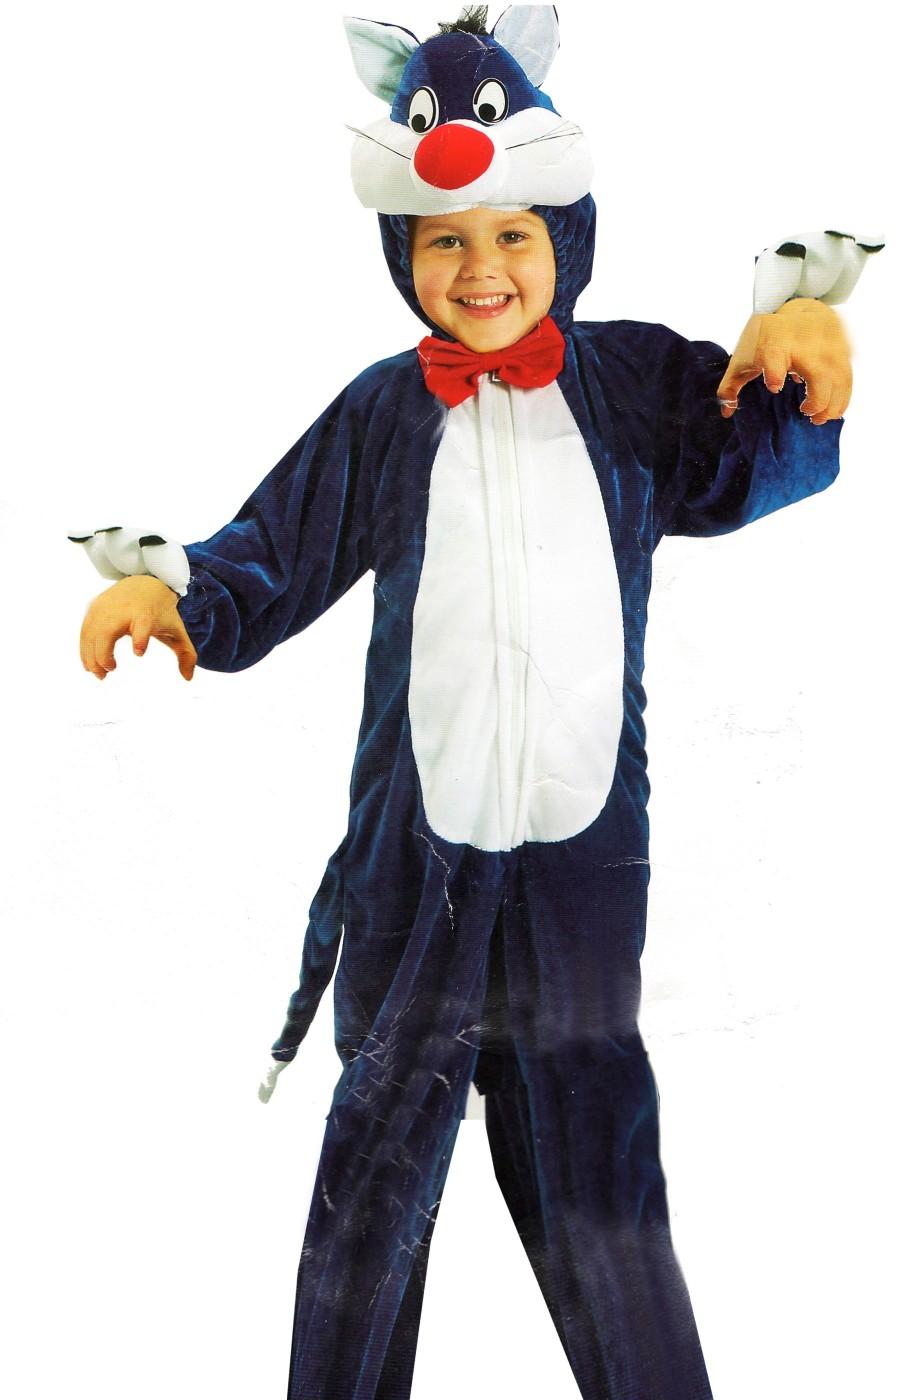 3956c04bdc26 vestito di carnevale da gattone per bambini di età 2/3 anni